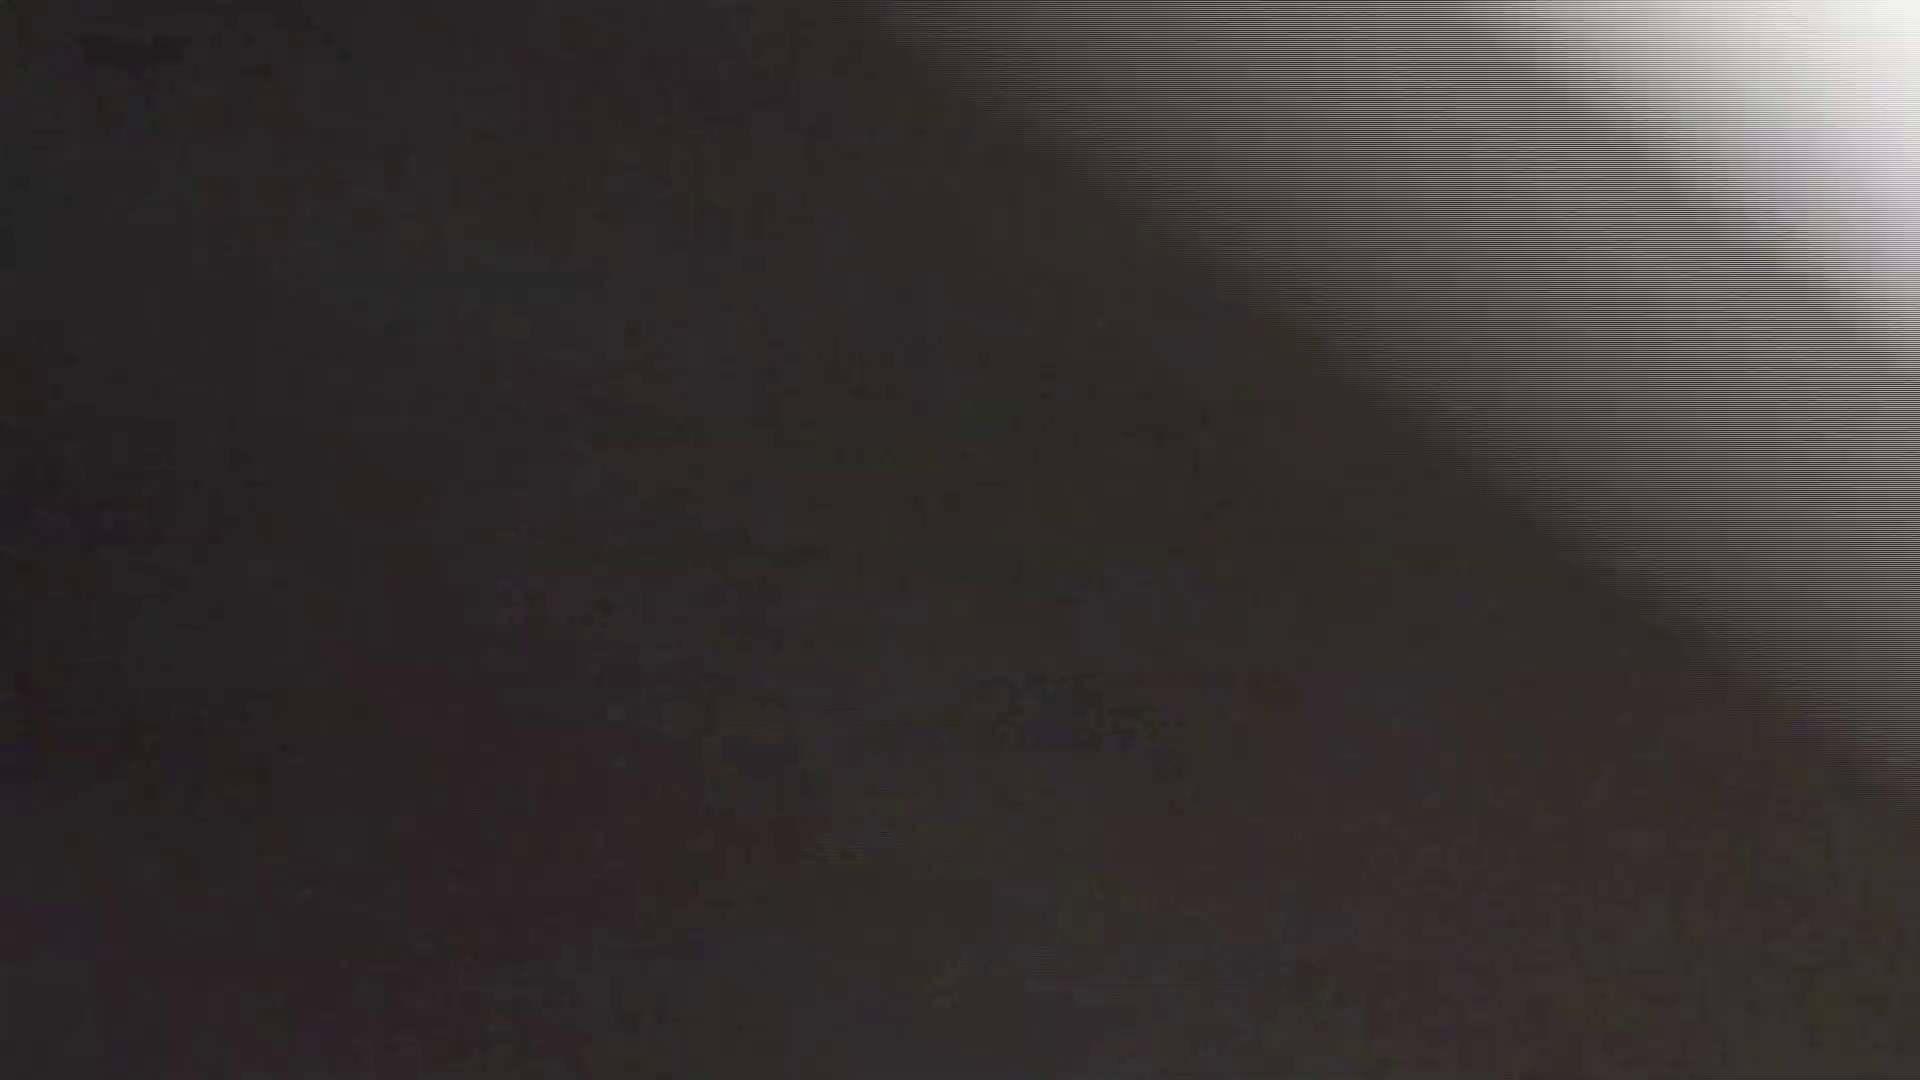 和式洋式七変化 Vol.31 洋式だけど丸見えですっ!! 0 | 0  97画像 74